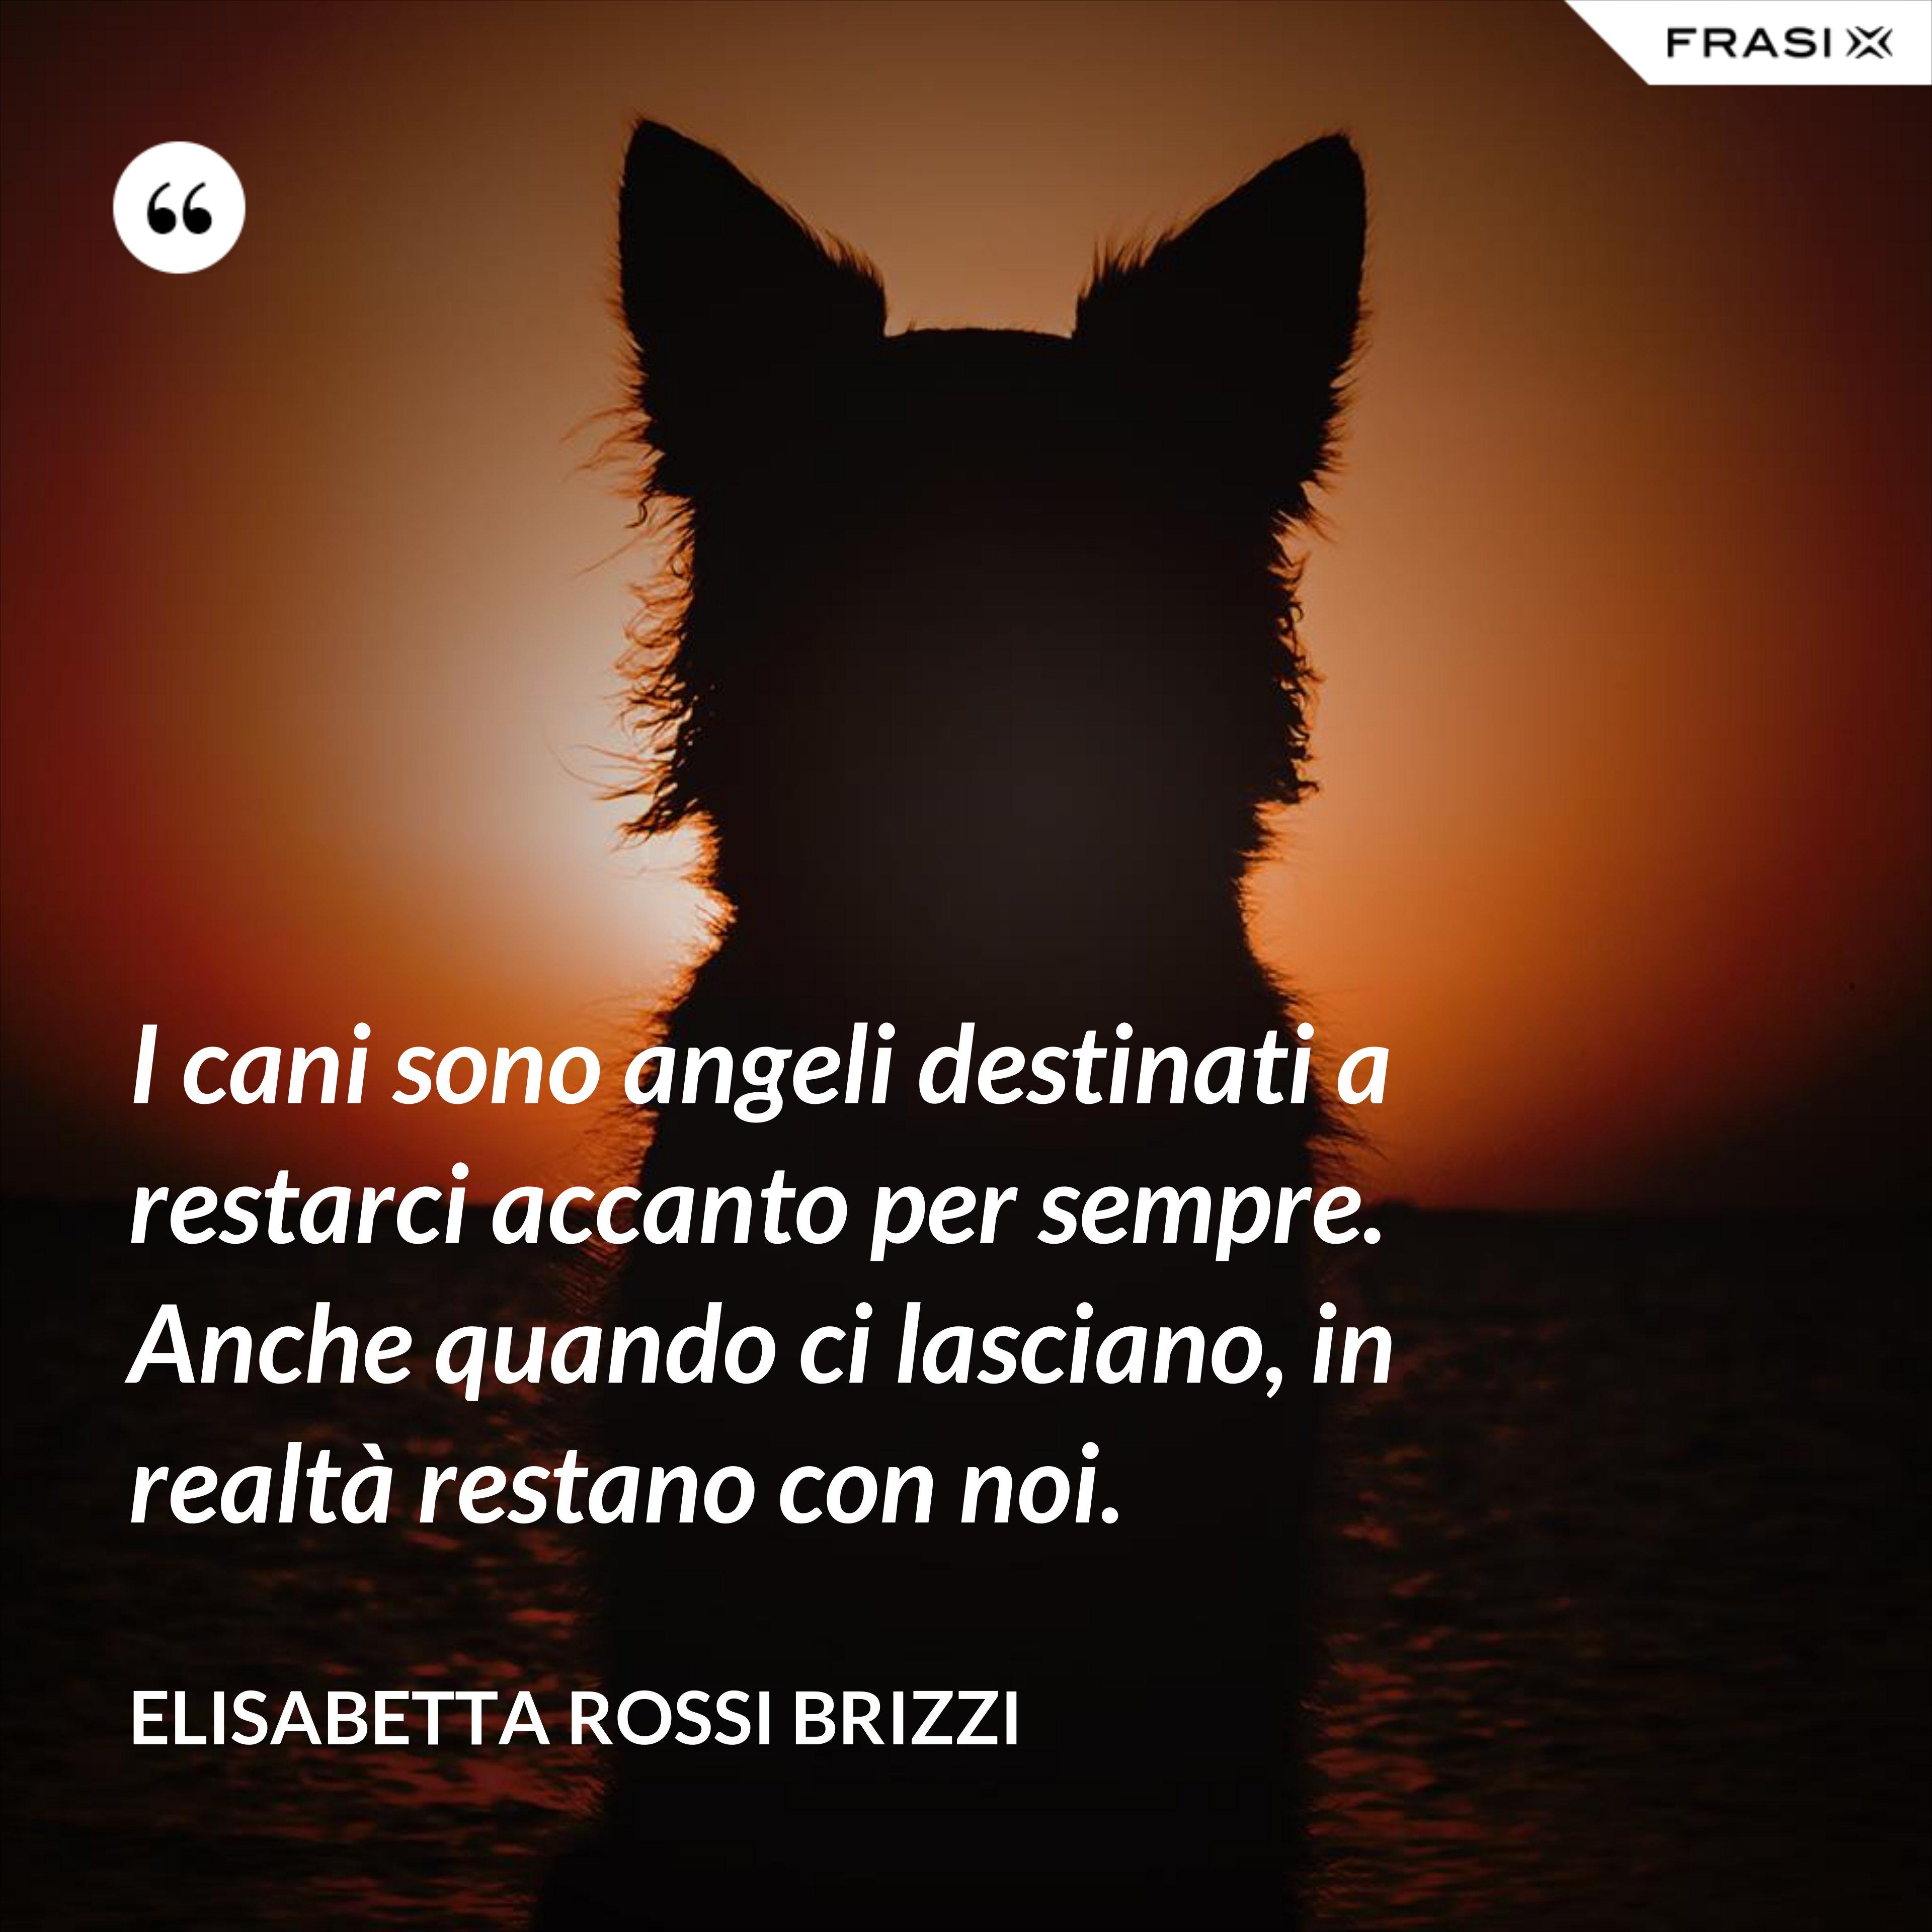 I cani sono angeli destinati a restarci accanto per sempre. Anche quando ci lasciano, in realtà restano con noi. - Elisabetta Rossi Brizzi